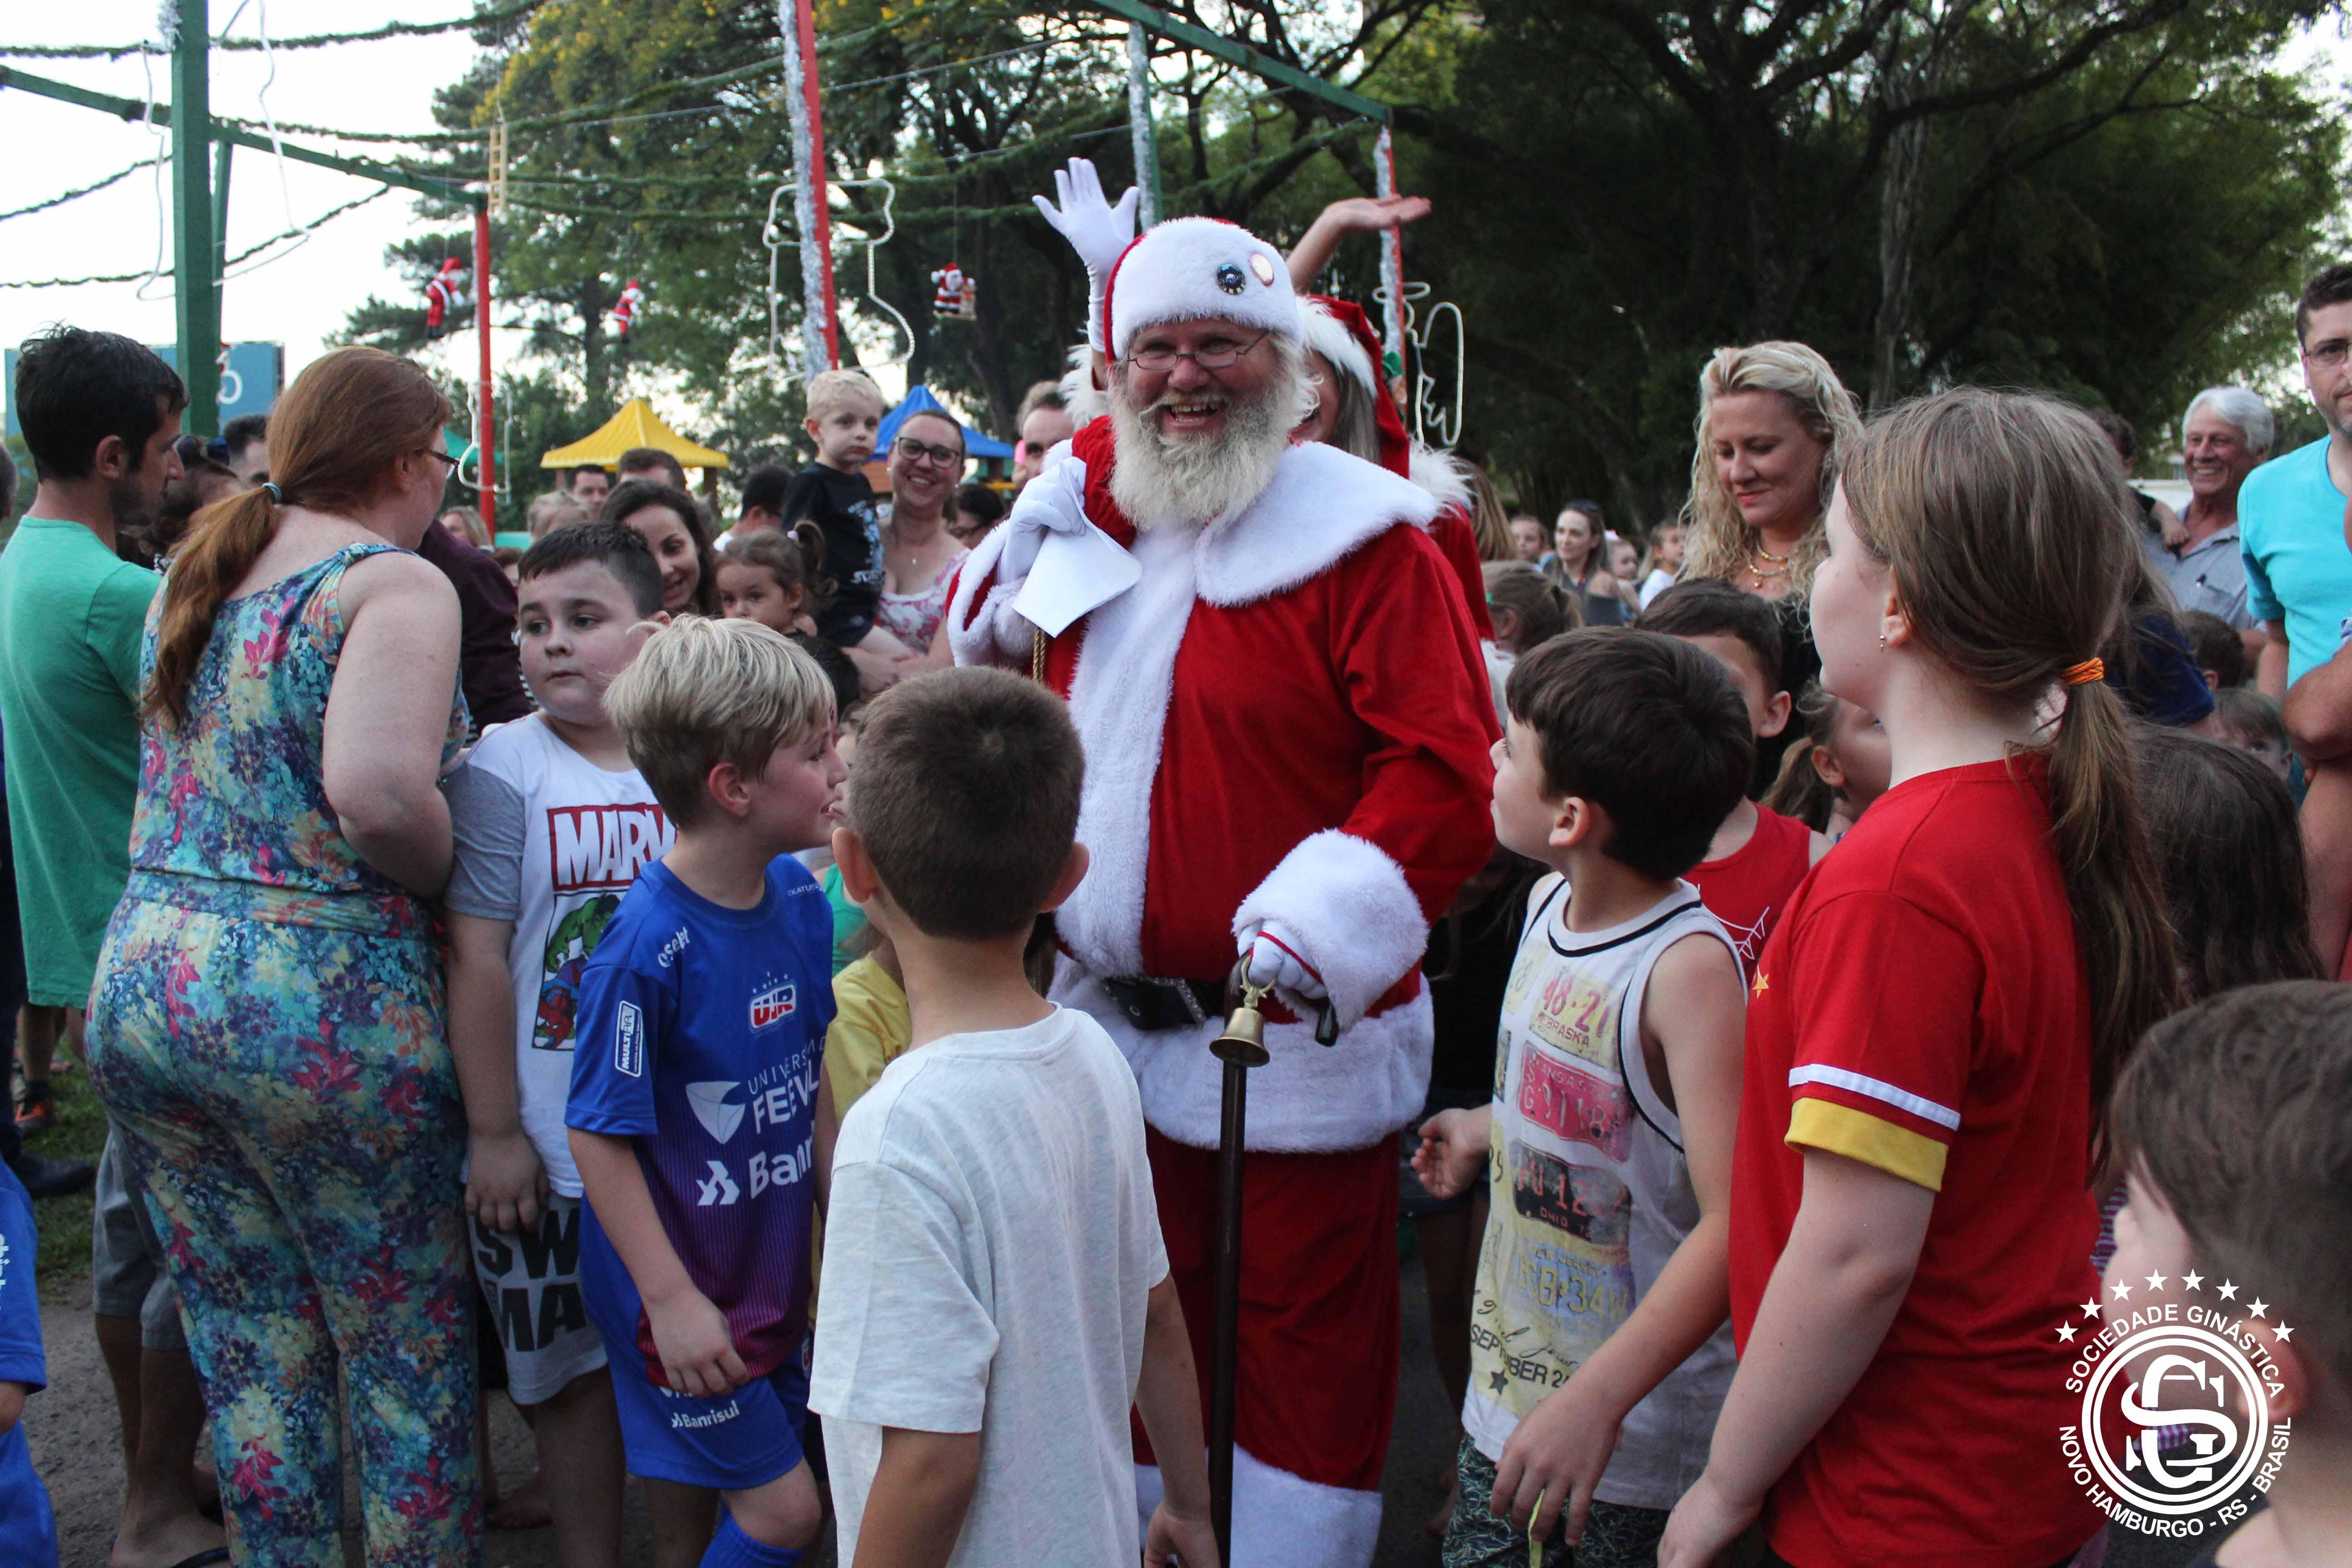 Alegria e diversão na Chegada do Papai Noel